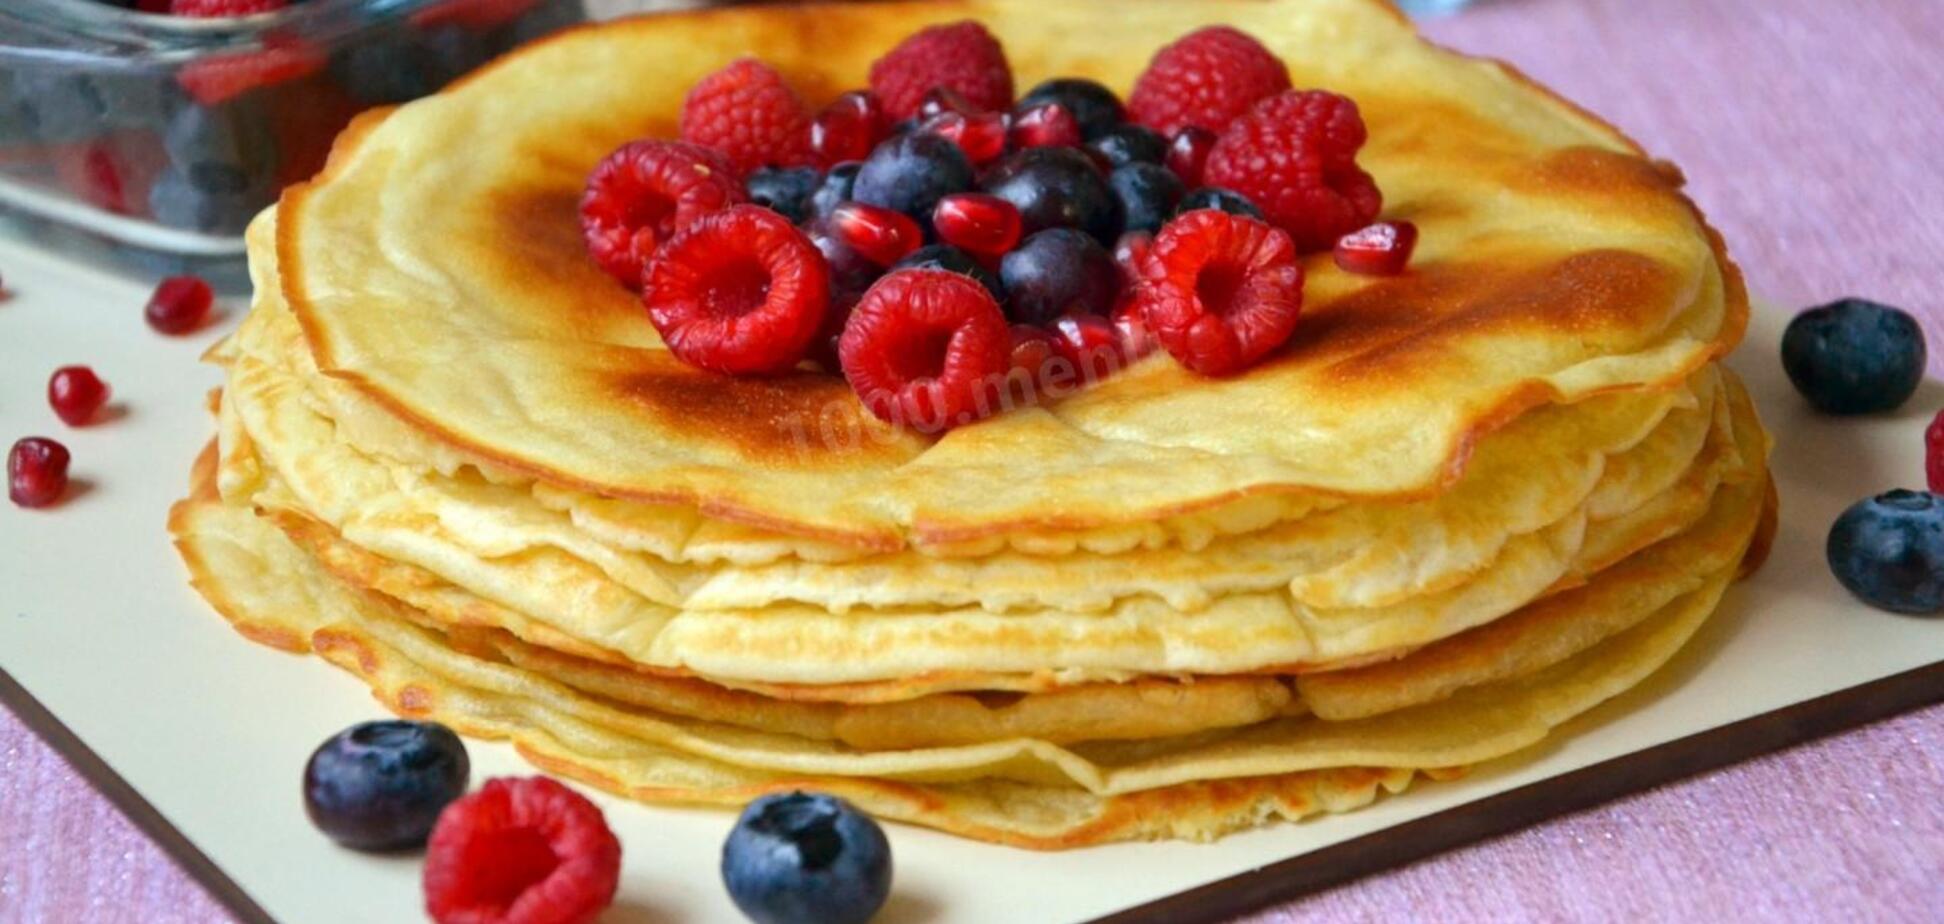 Їжте, скільки влізе: рецепти смачних дієтичних млинців, які не нашкодять фігурі